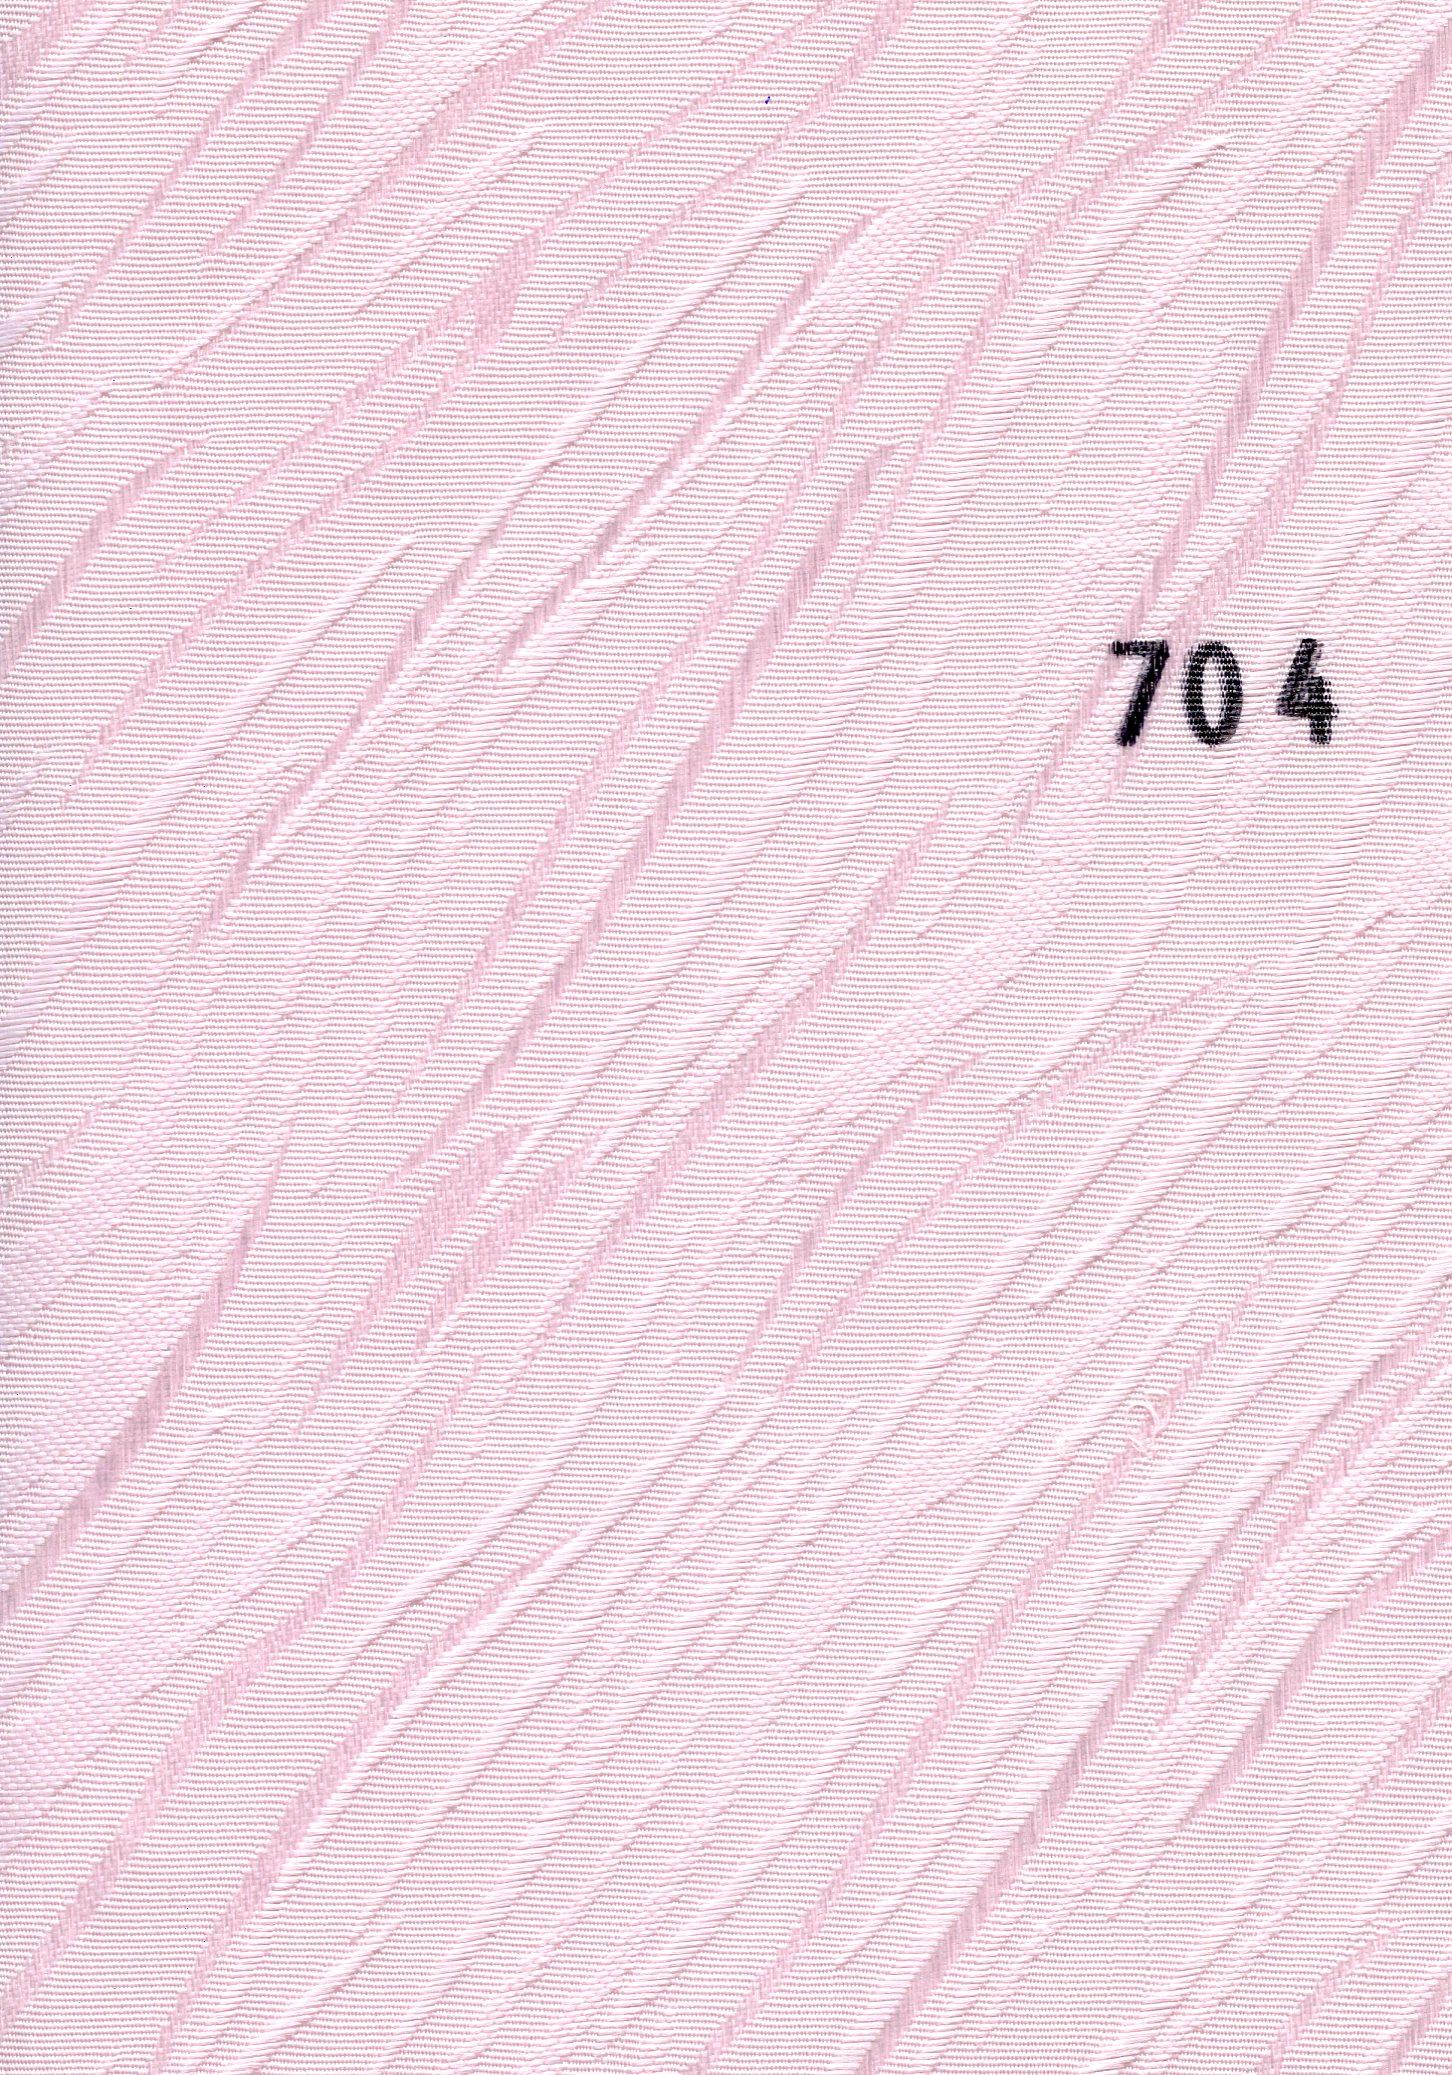 Tiffany 704